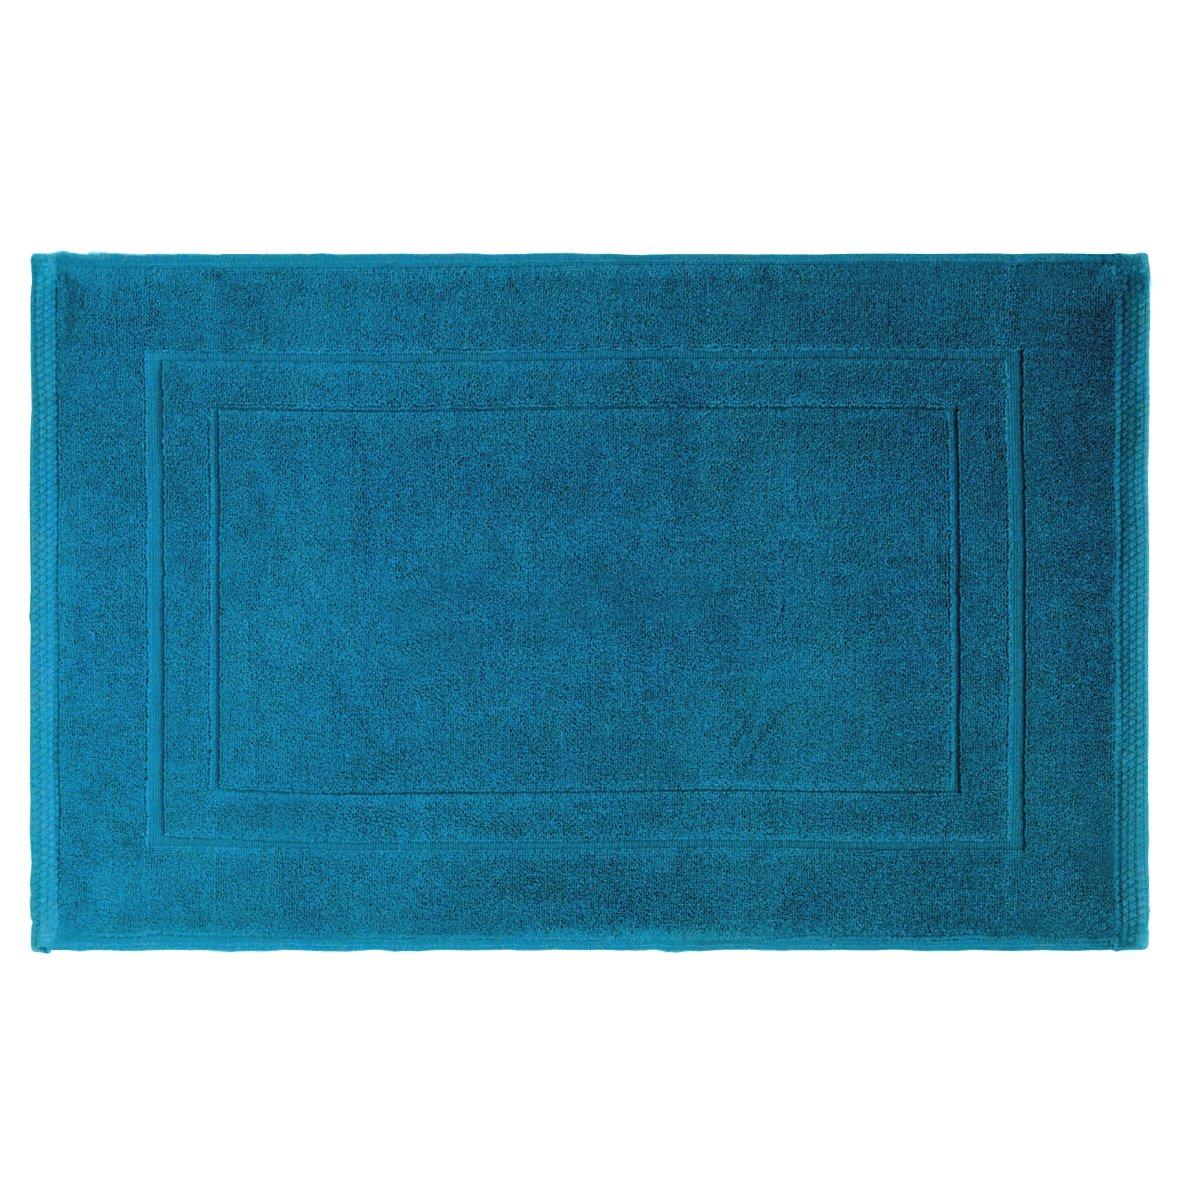 バスマット エレア カナール(ブルー)